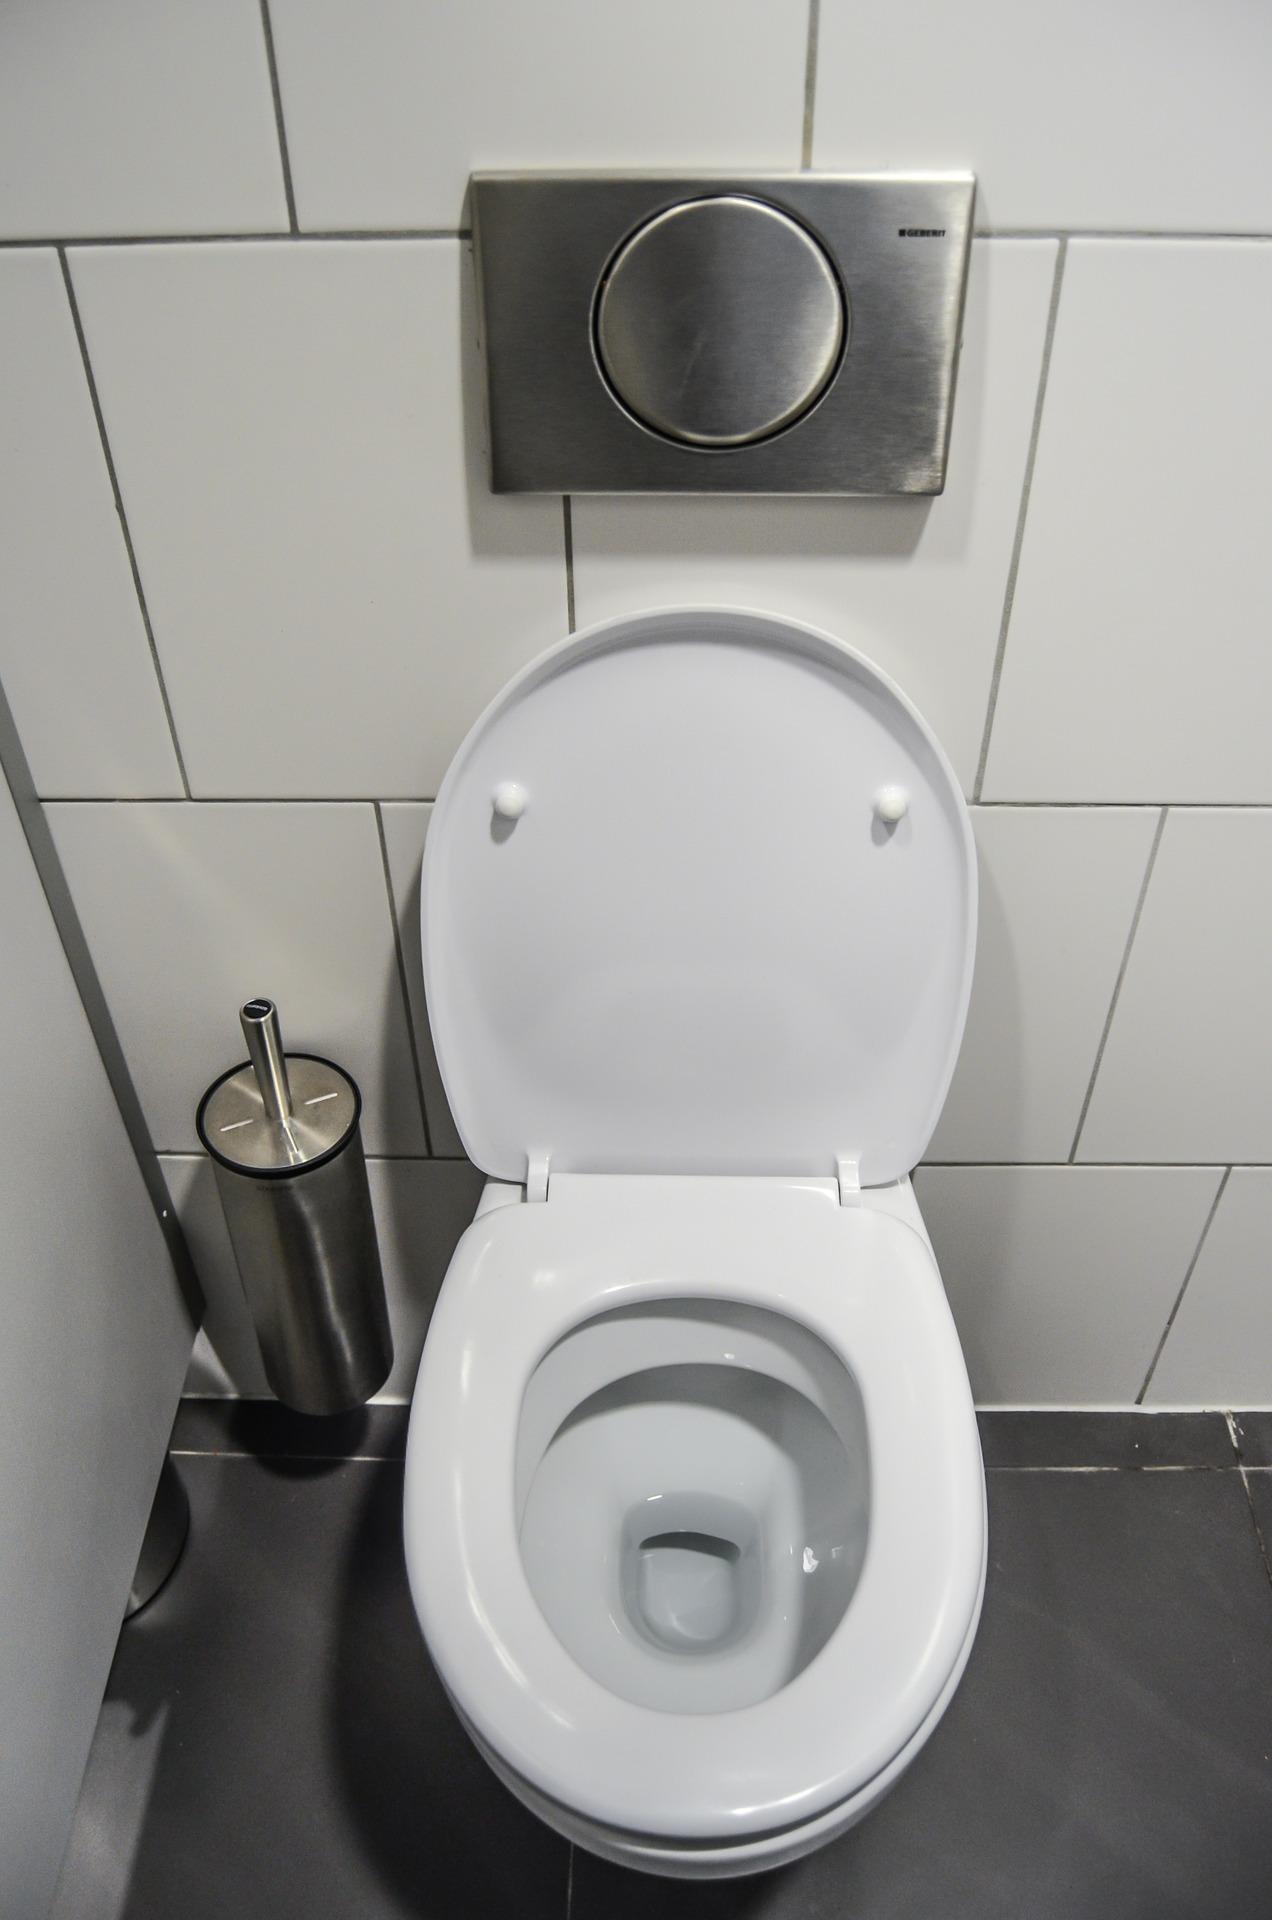 goede handhygi ne belangrijker dan schone wc bril service management nieuws sanitair. Black Bedroom Furniture Sets. Home Design Ideas